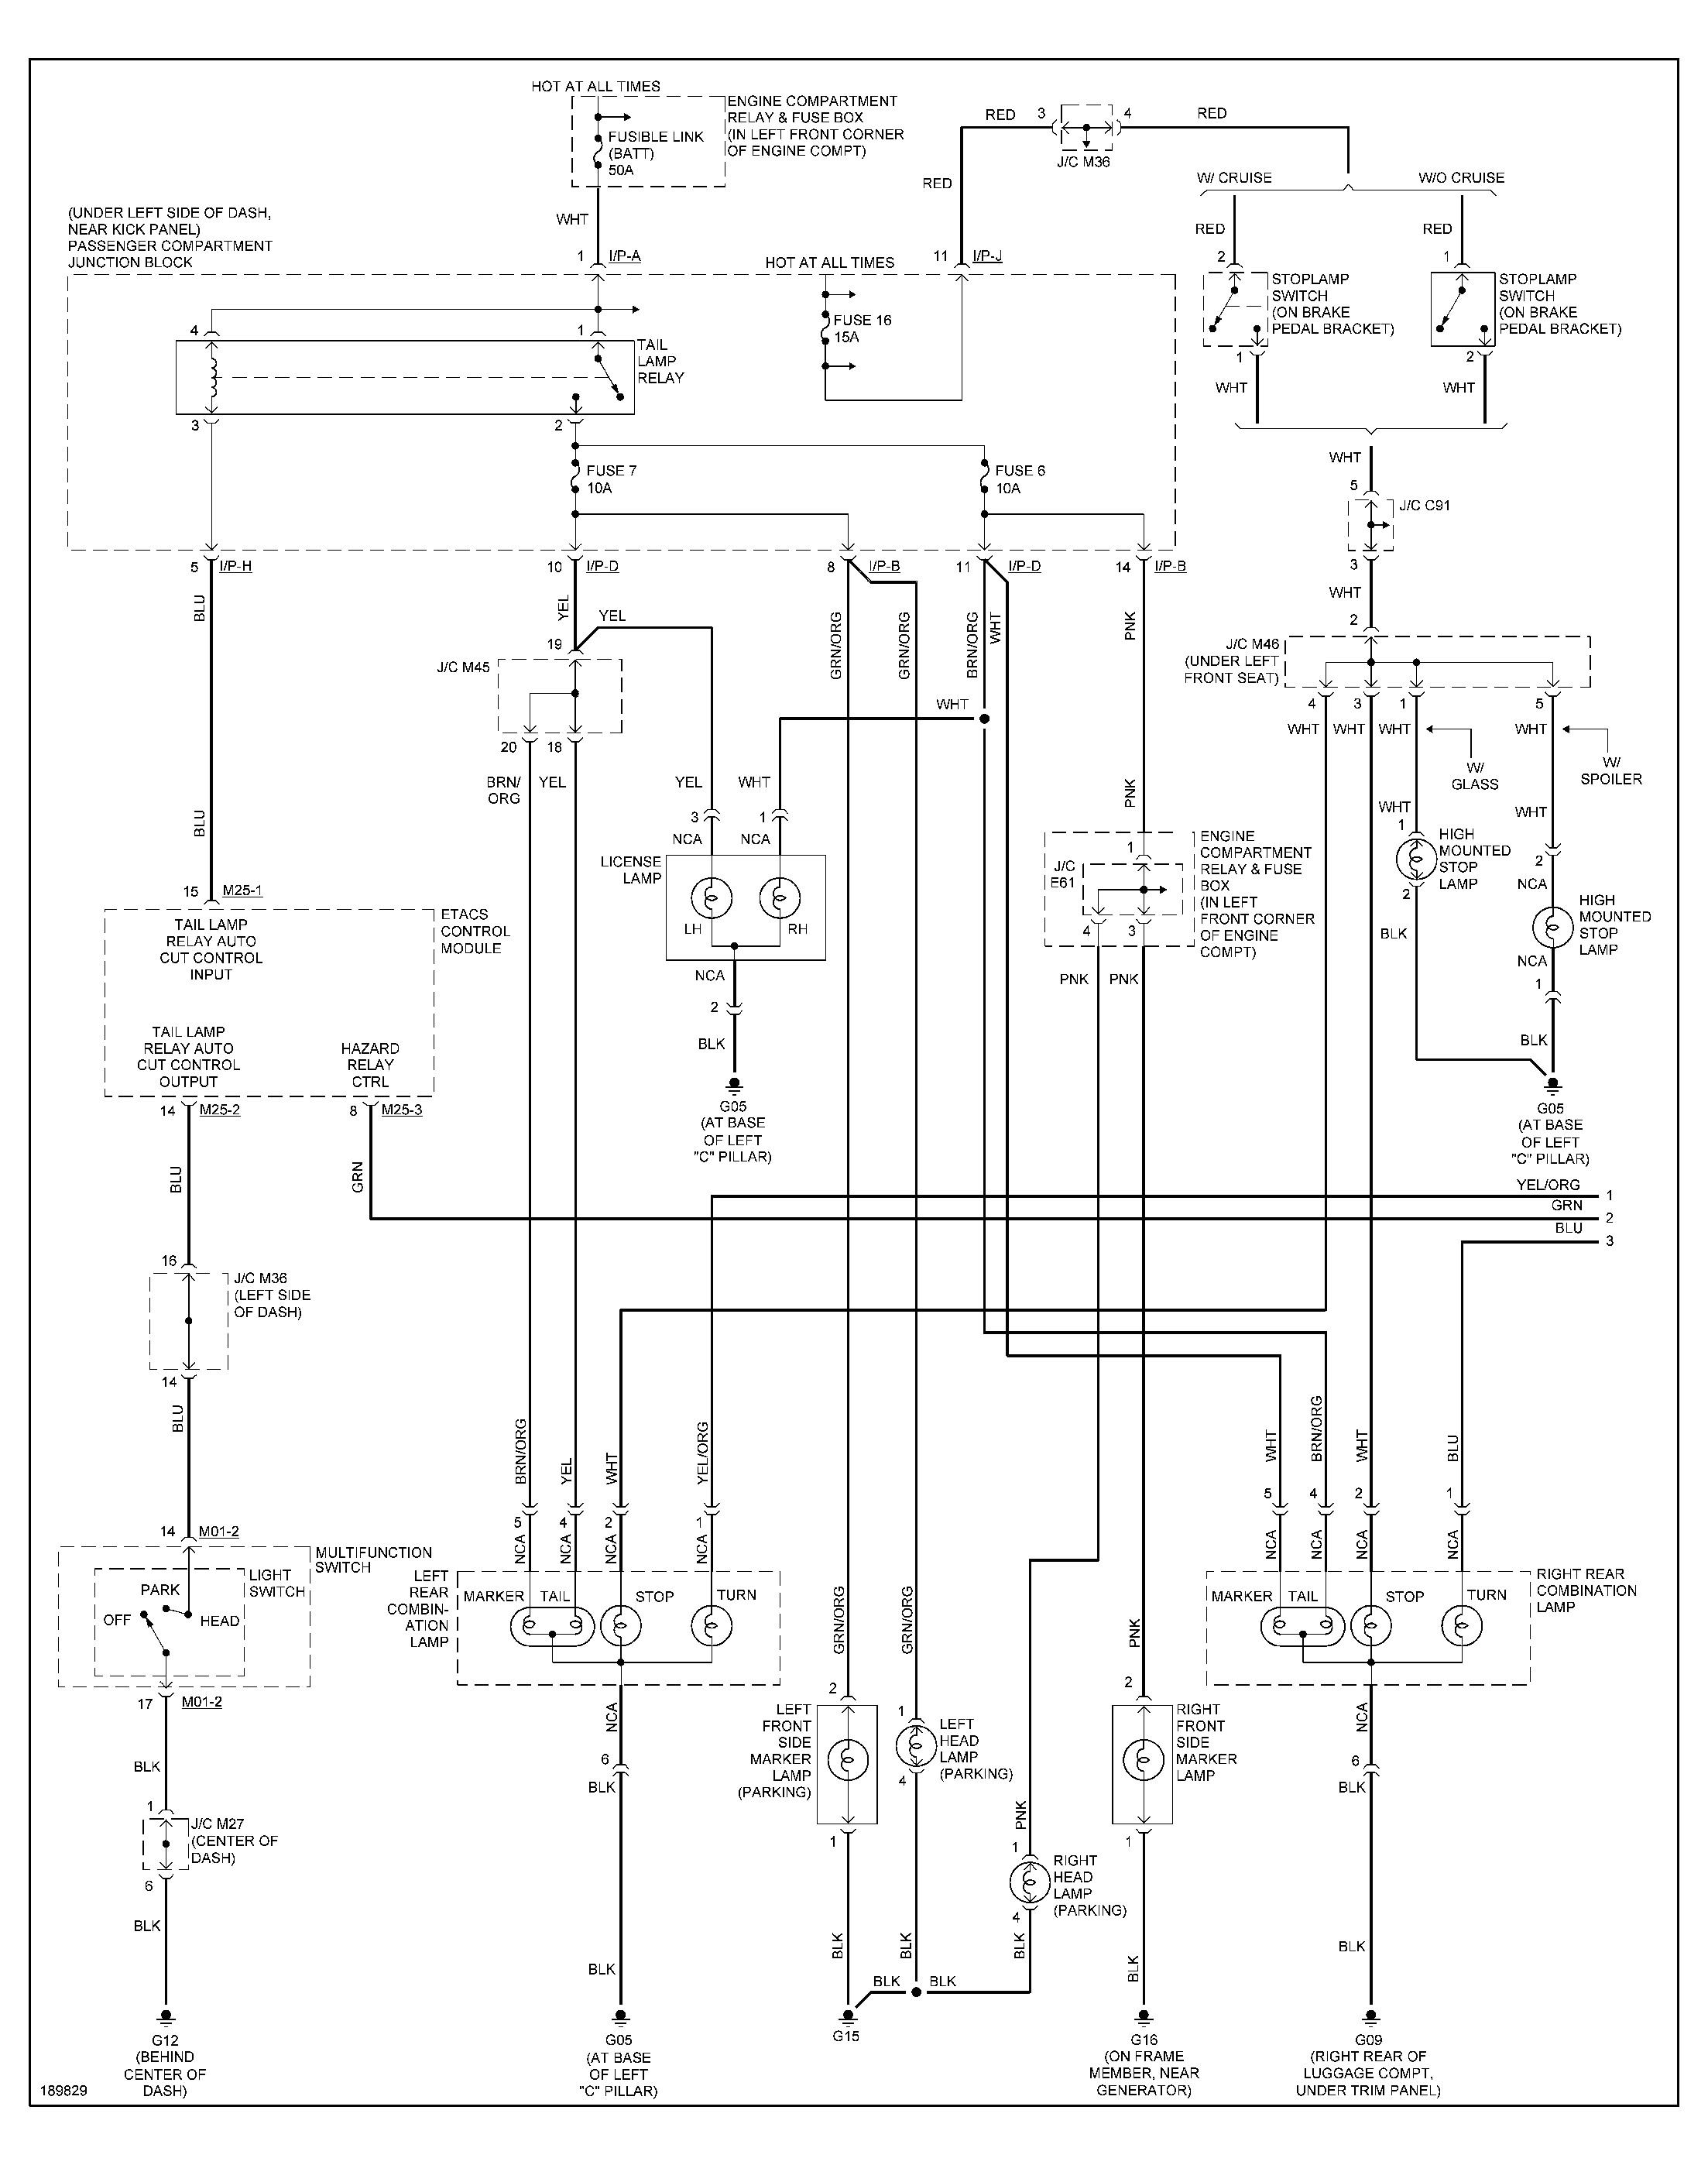 1992 hyundai wiring diagram wiring diagram 1992 hyundai wiring diagram